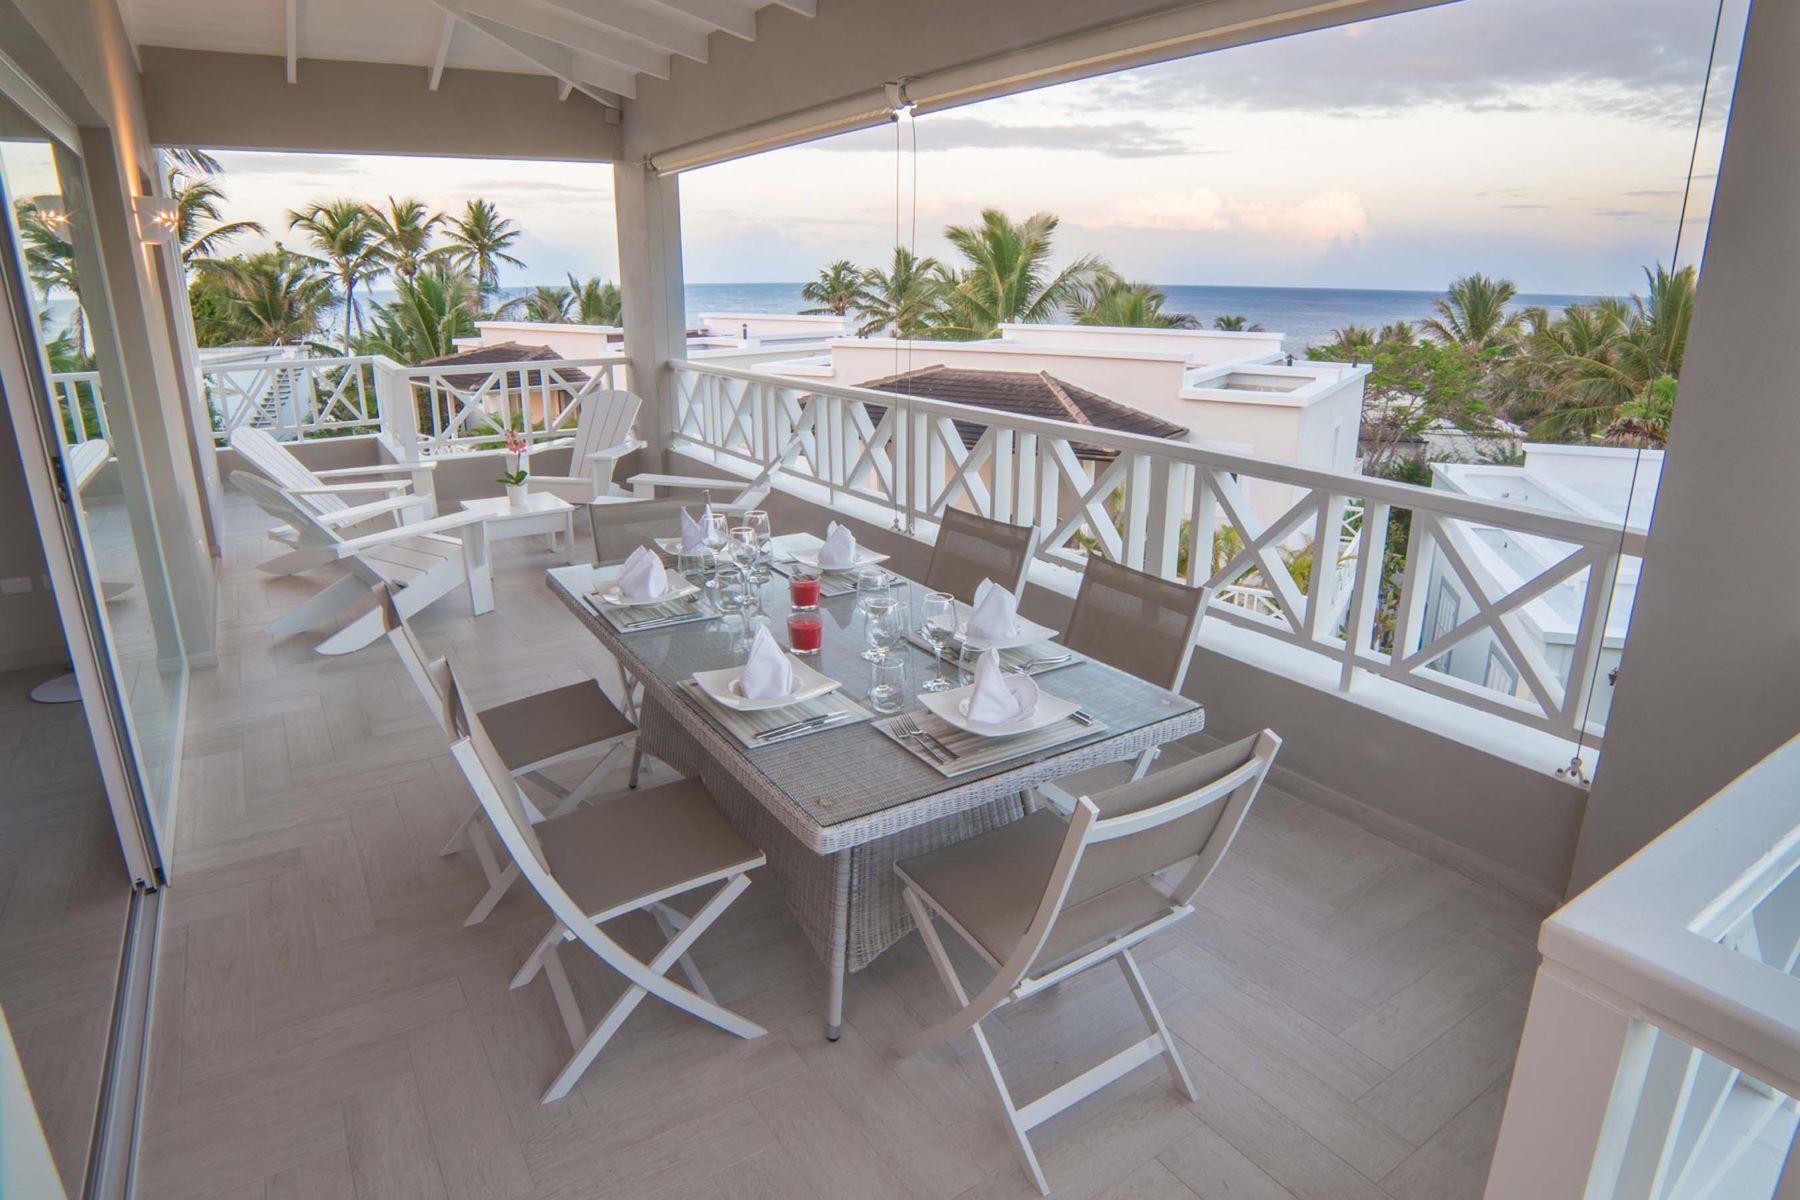 共管式独立产权公寓 为 销售 在 3-Bedroom Penthouse with Ocean View Dominicus, 罗马纳, 多米尼加共和国